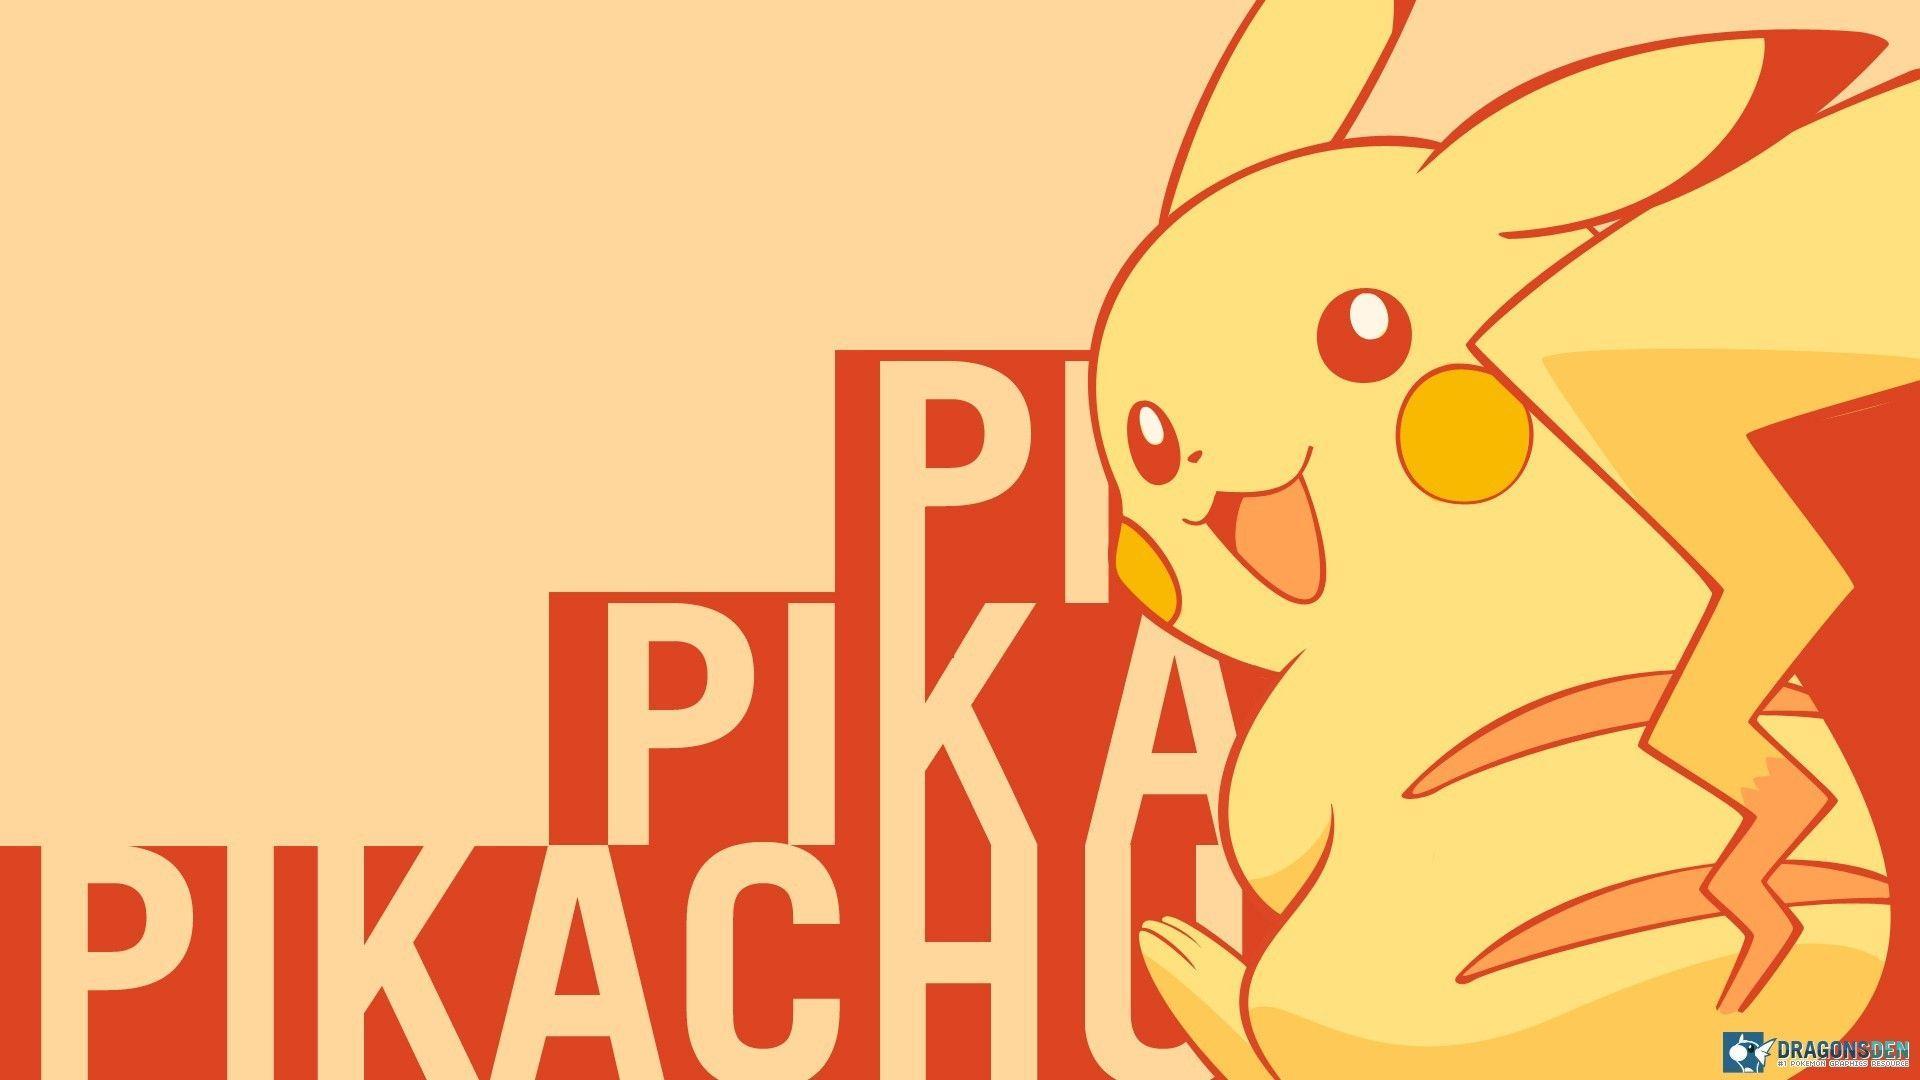 1920x1080 trò chơi điện tử Pokemon hình nền pikachu.  máy tính